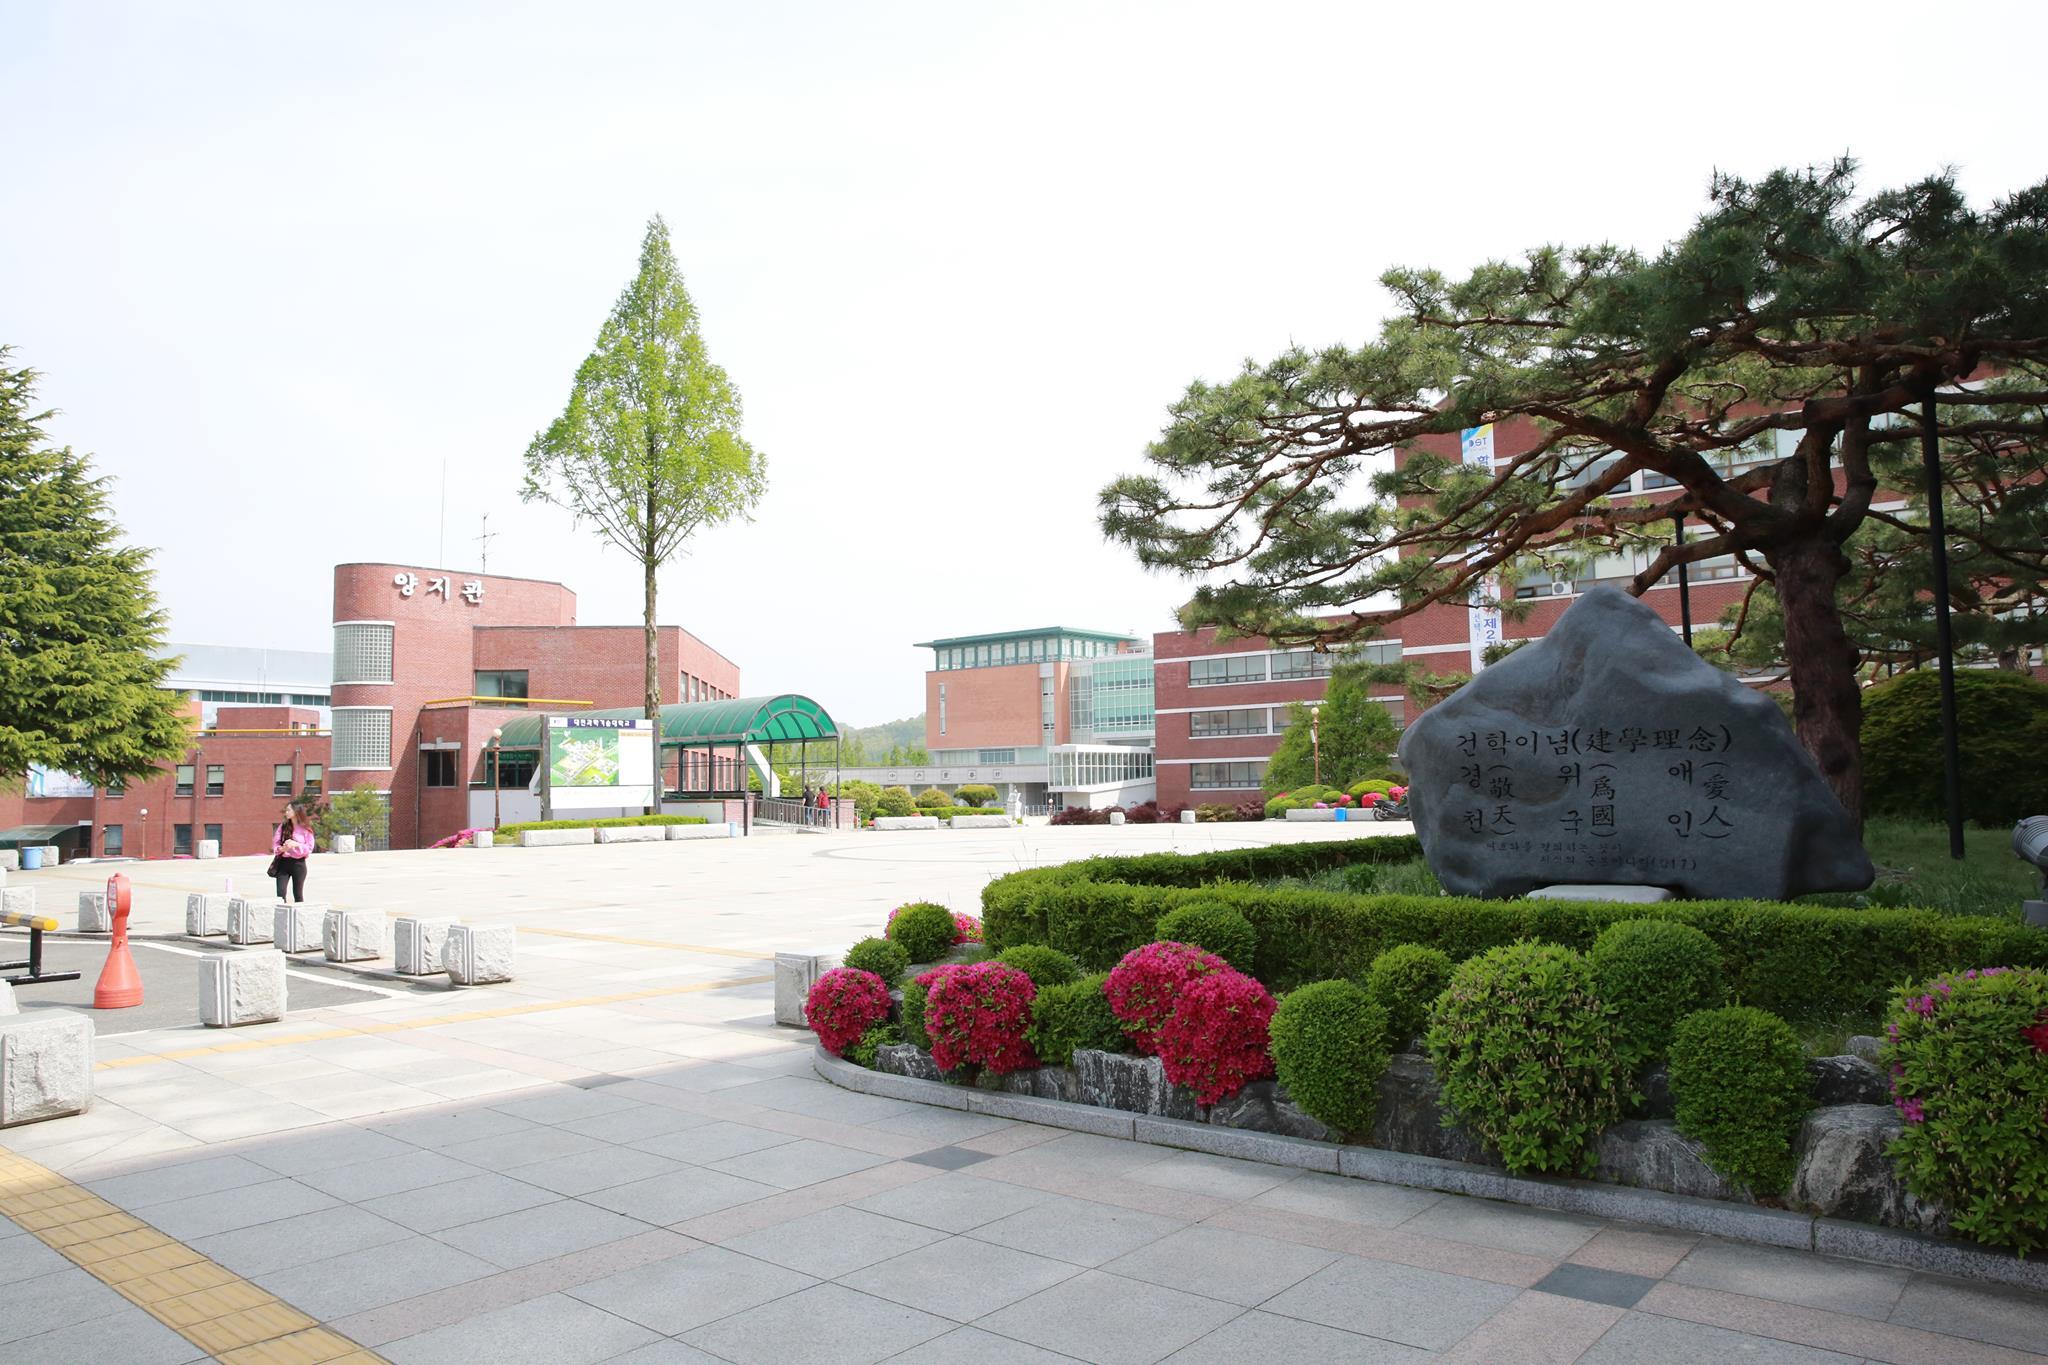 Khuôn viên Cao đẳng Khoa học Kỹ thuật Daejeon